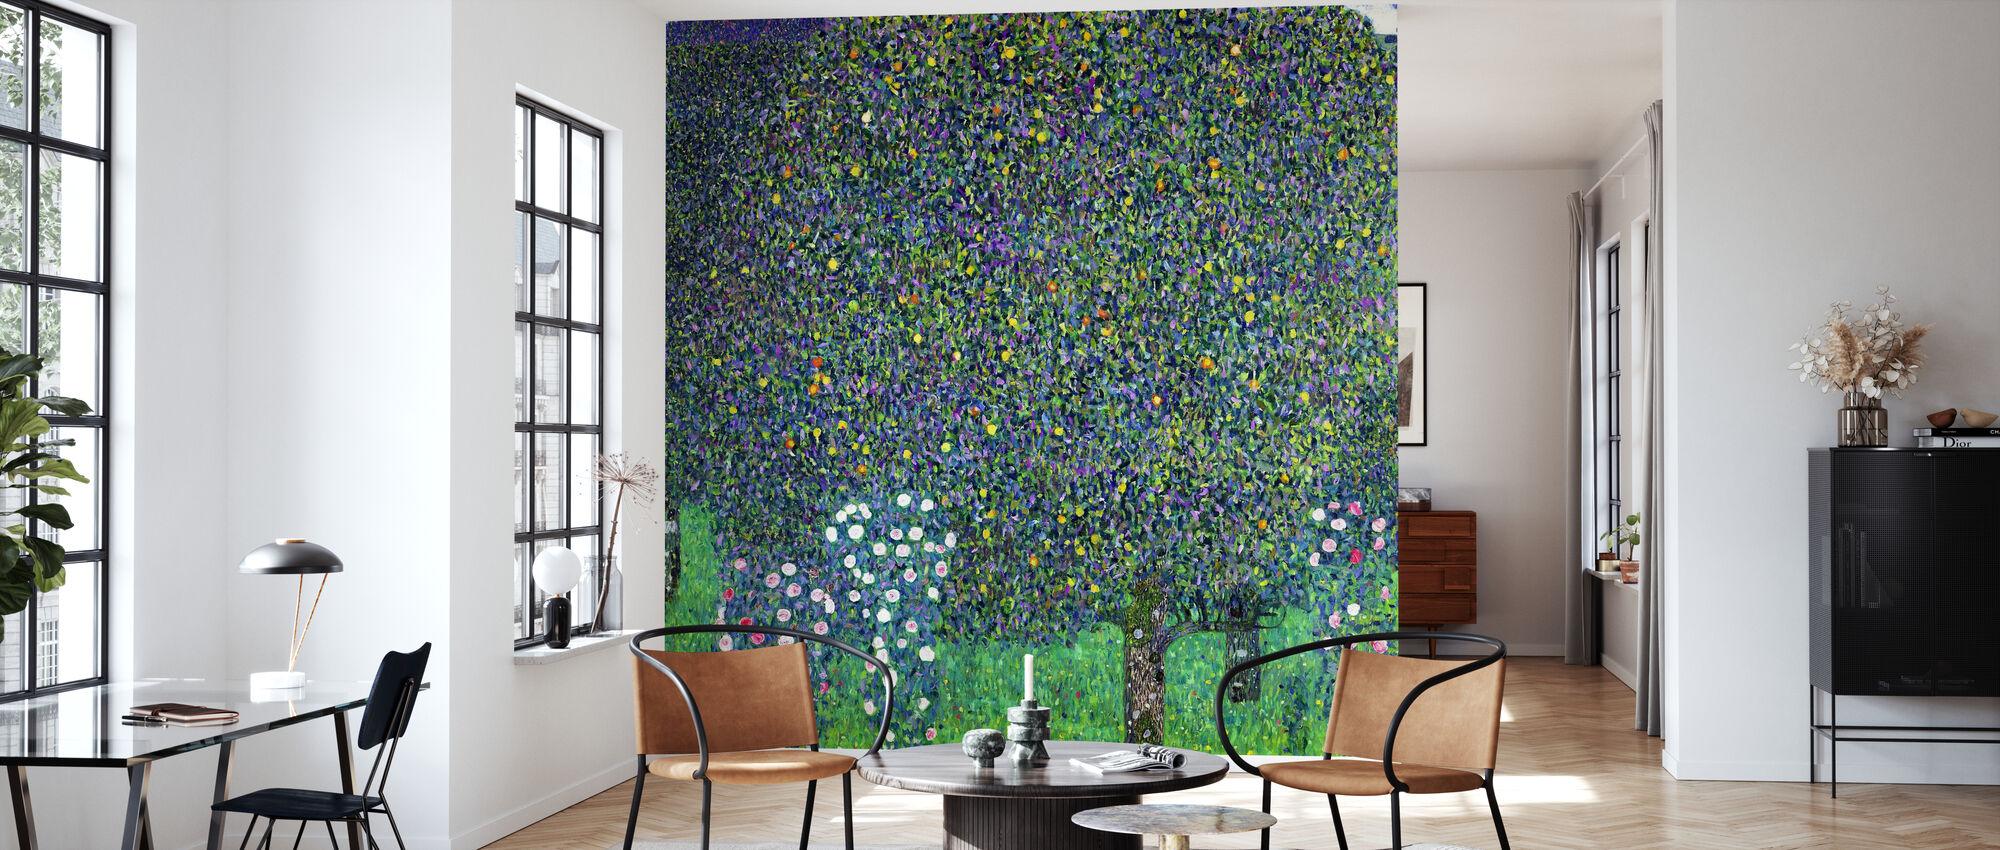 Bridge at Maincy, Gustav Klimt - Wallpaper - Living Room